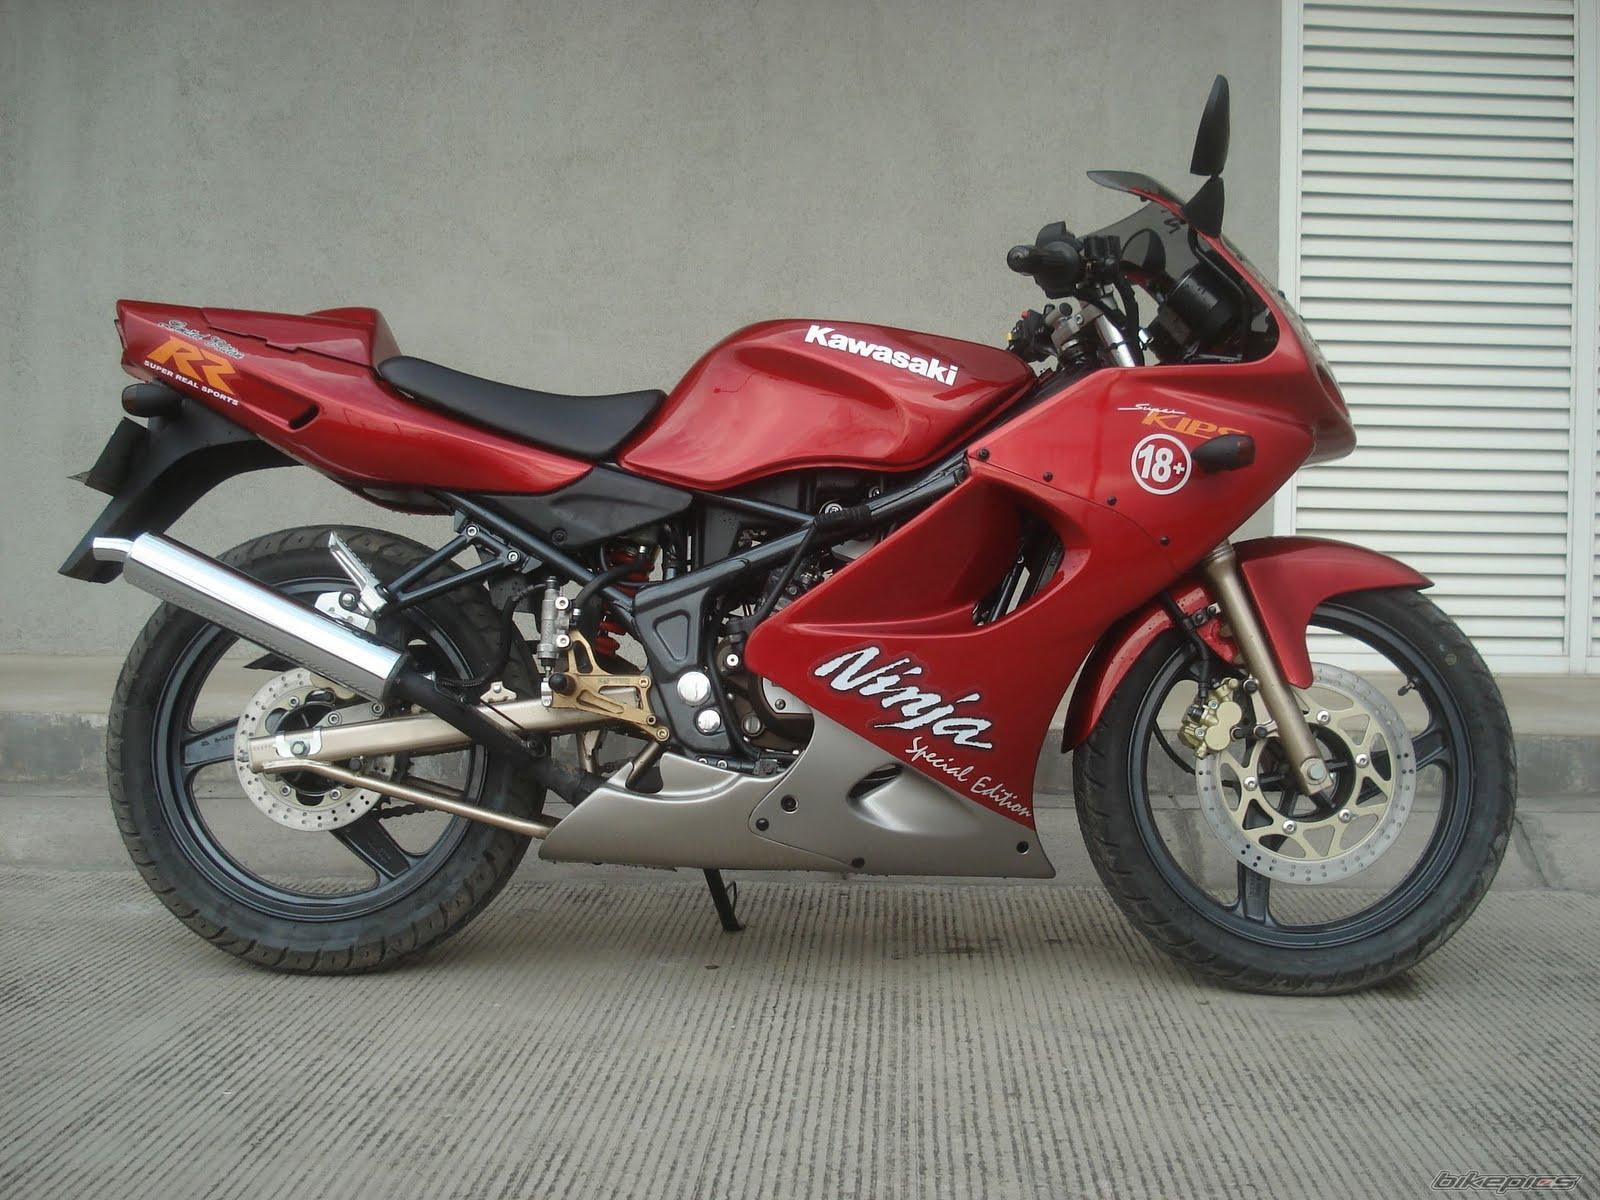 http://4.bp.blogspot.com/-1FyTluBwRdQ/TW9Tu9Vf9VI/AAAAAAAAAjY/o-Dlxw0fXU0/s1600/2008_09_01_bikepics-1404474-full.jpg